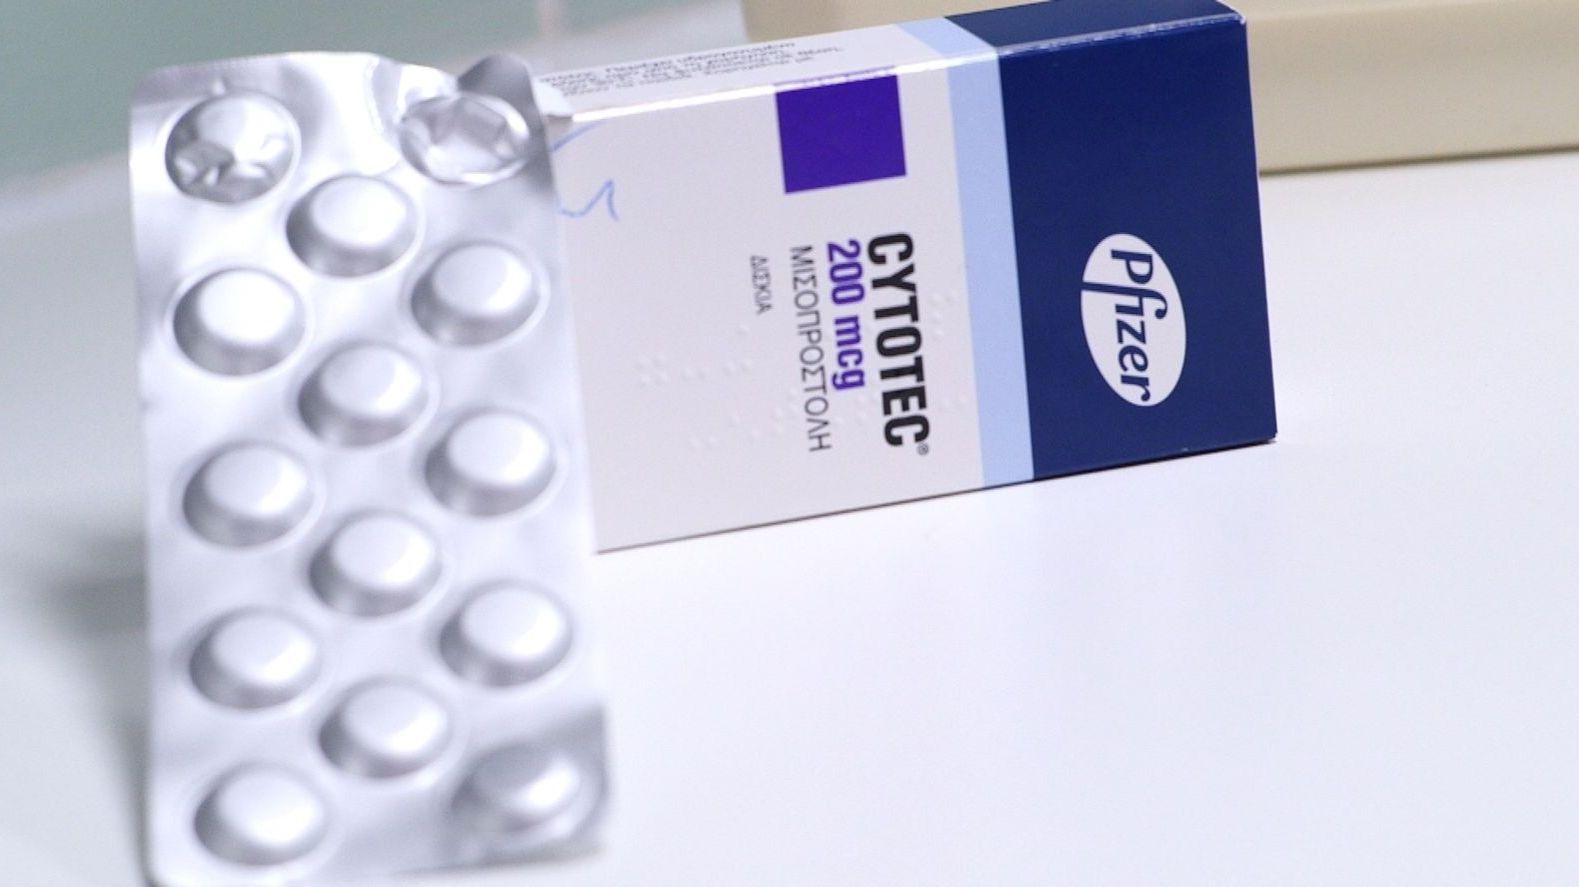 Eine Schachtel des Medikaments Cytotec